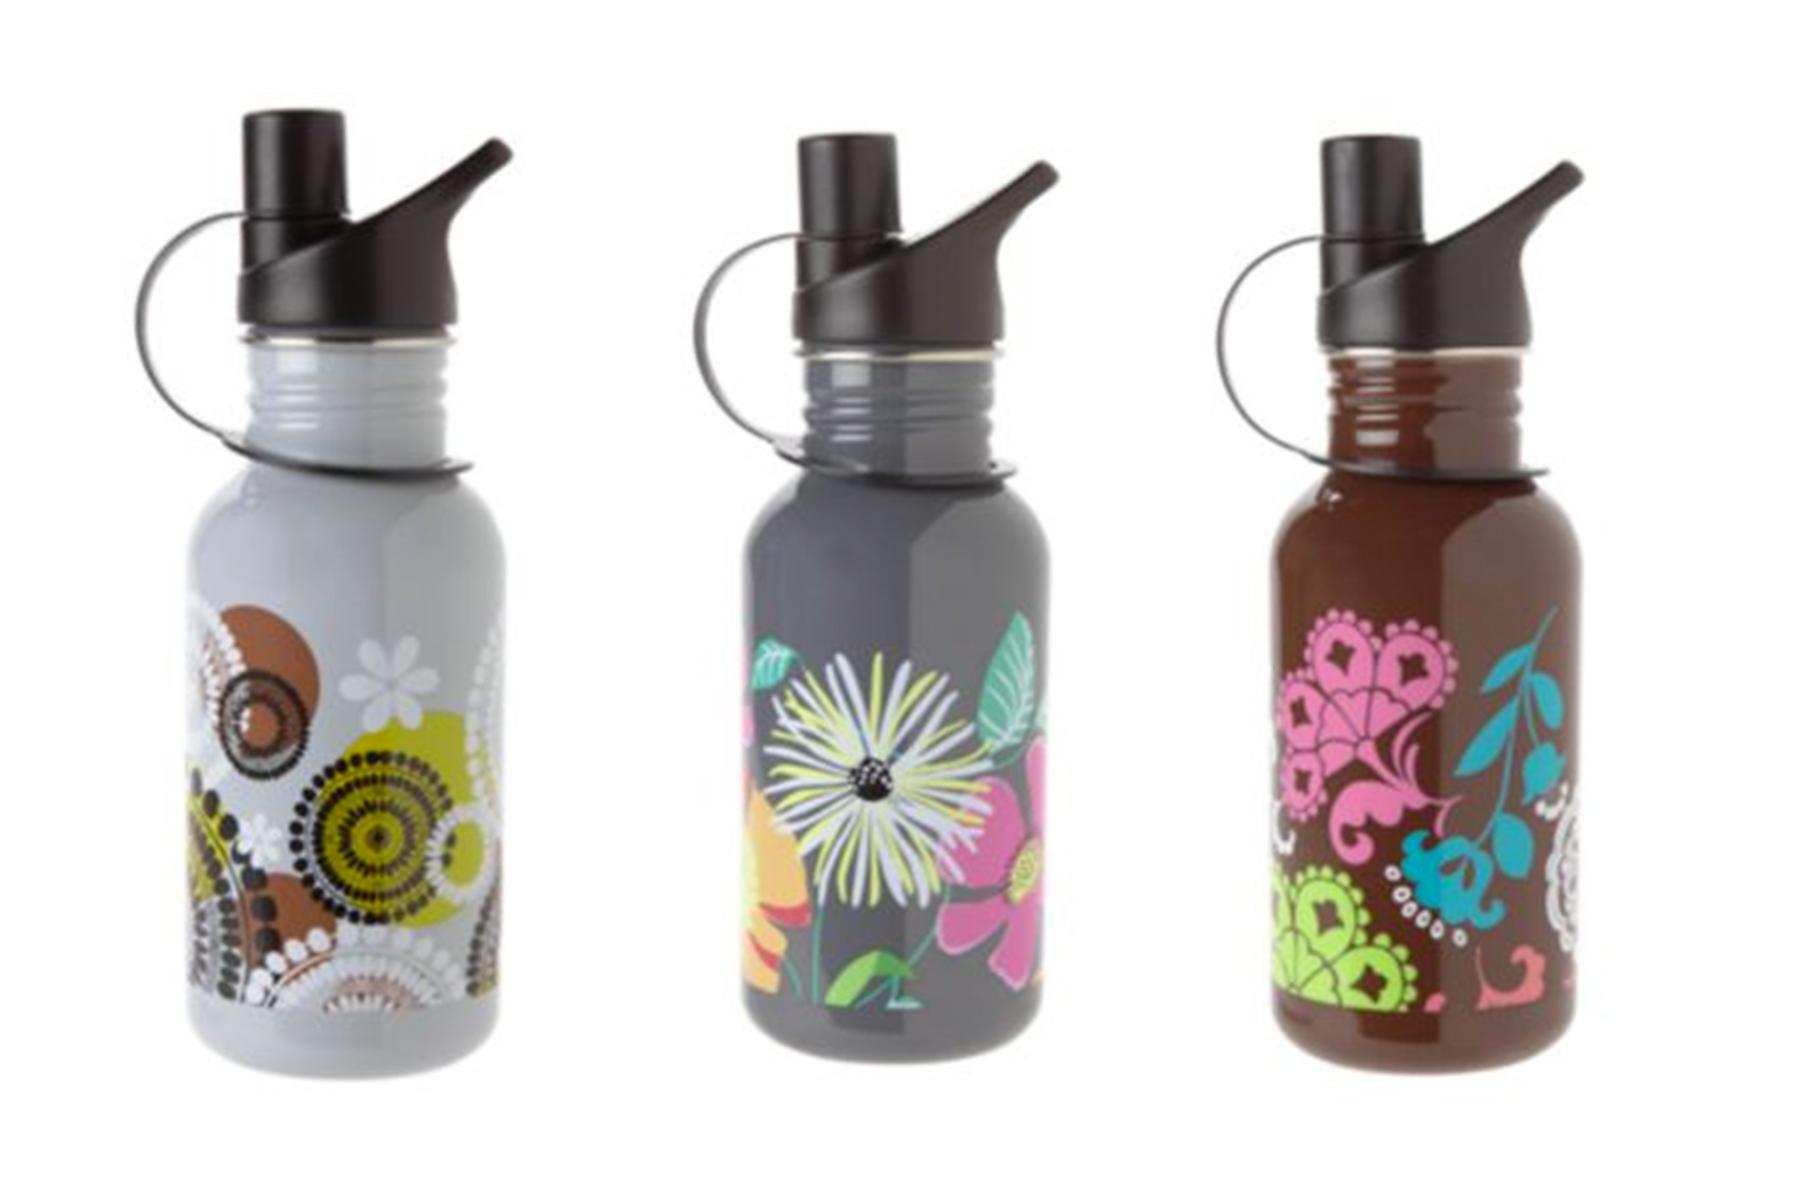 kristen-poissant-vera-bradley-designer-product-development-water-bottle-gift-product.jpg